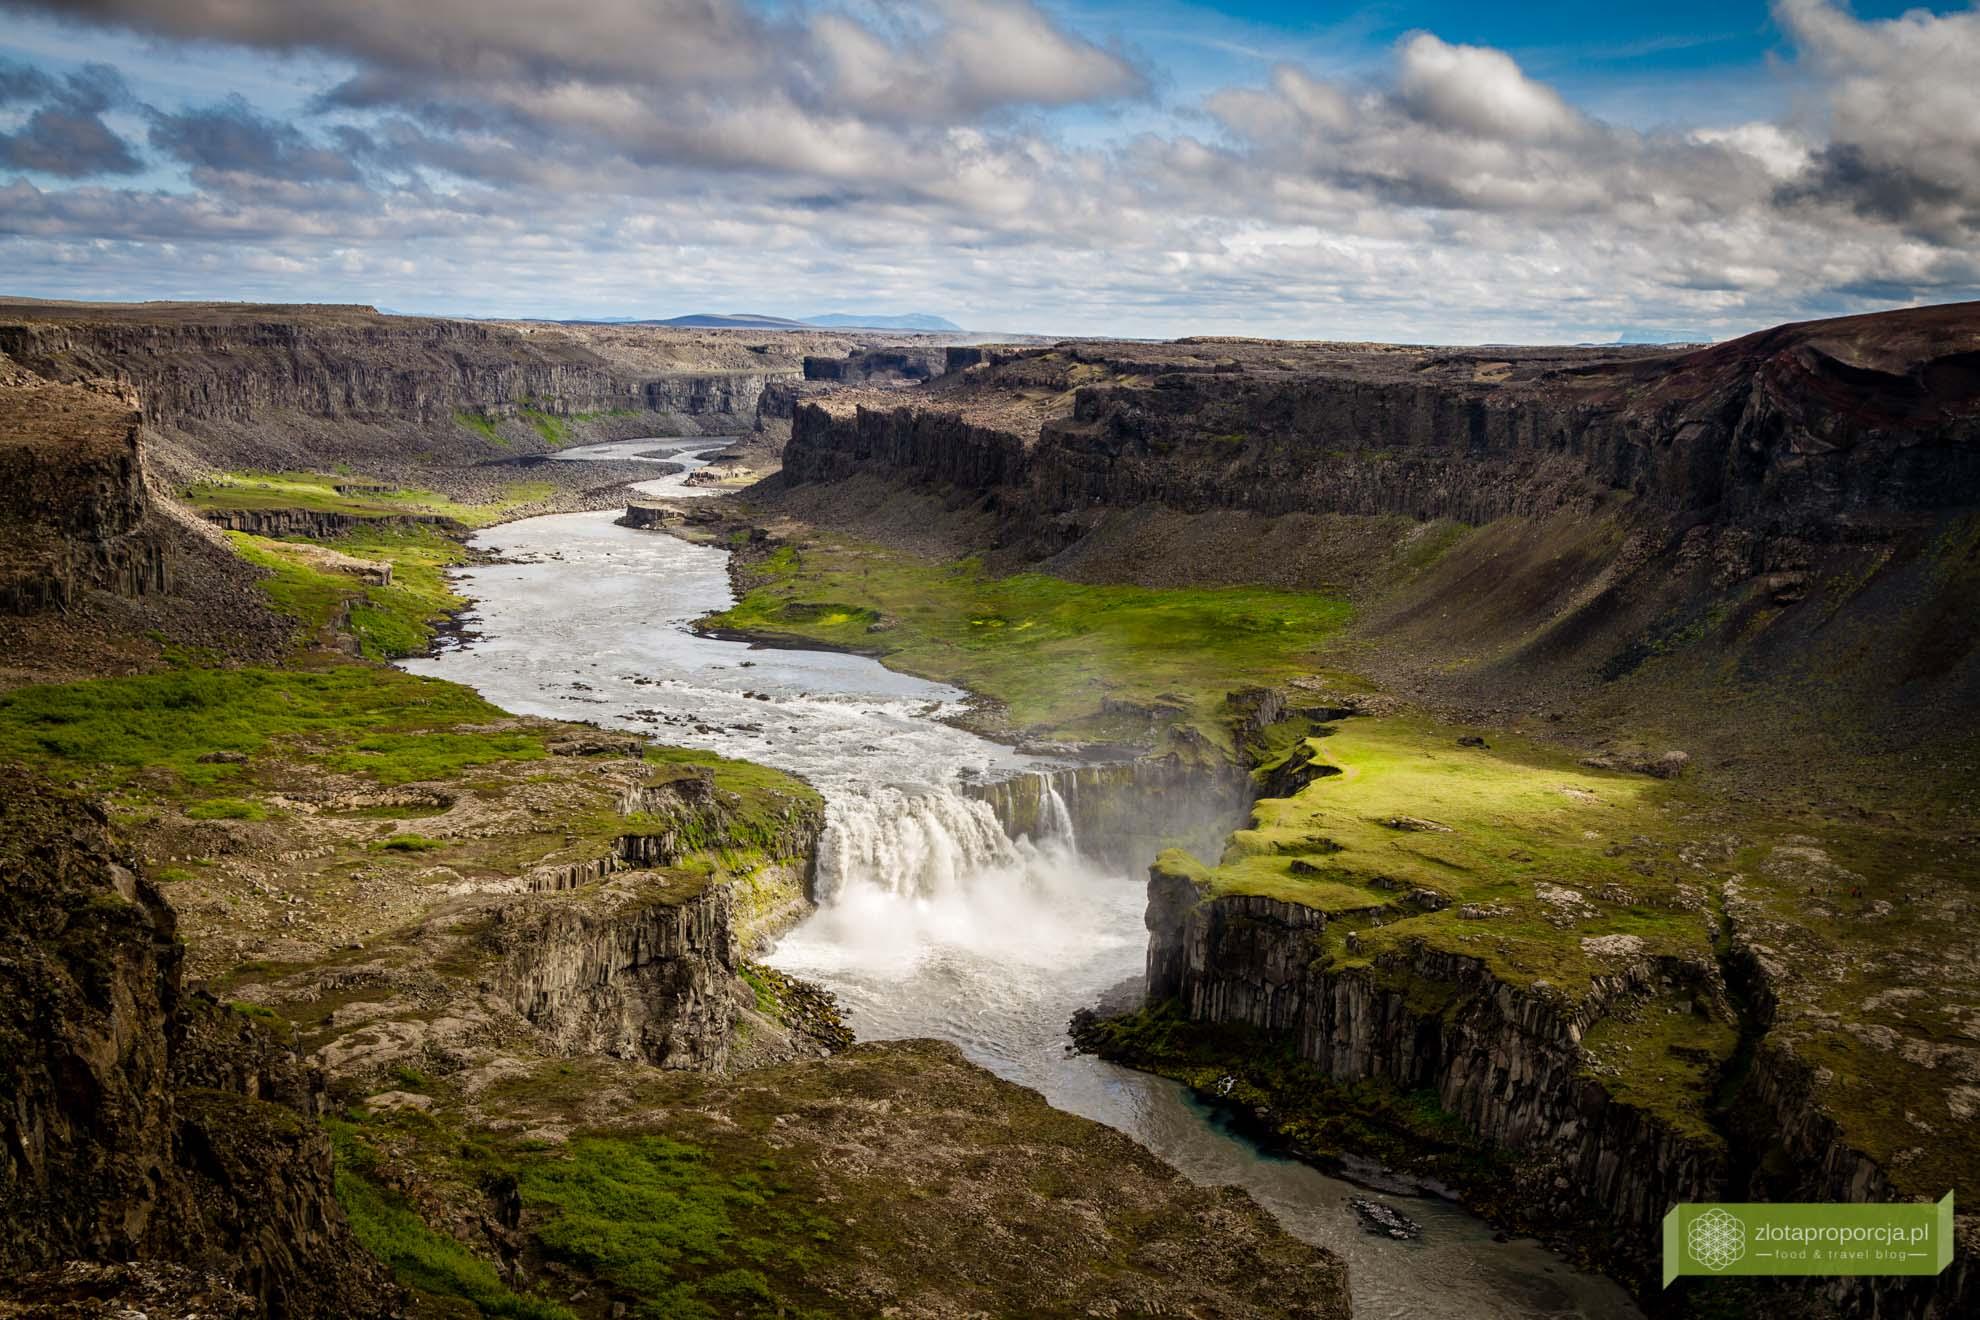 wodospad Dettifoss,Islandia, Islandia atrakcje, wodospady na Islandii, Islandia ciekawe miejsca; Wodospad Hafragilfoss;